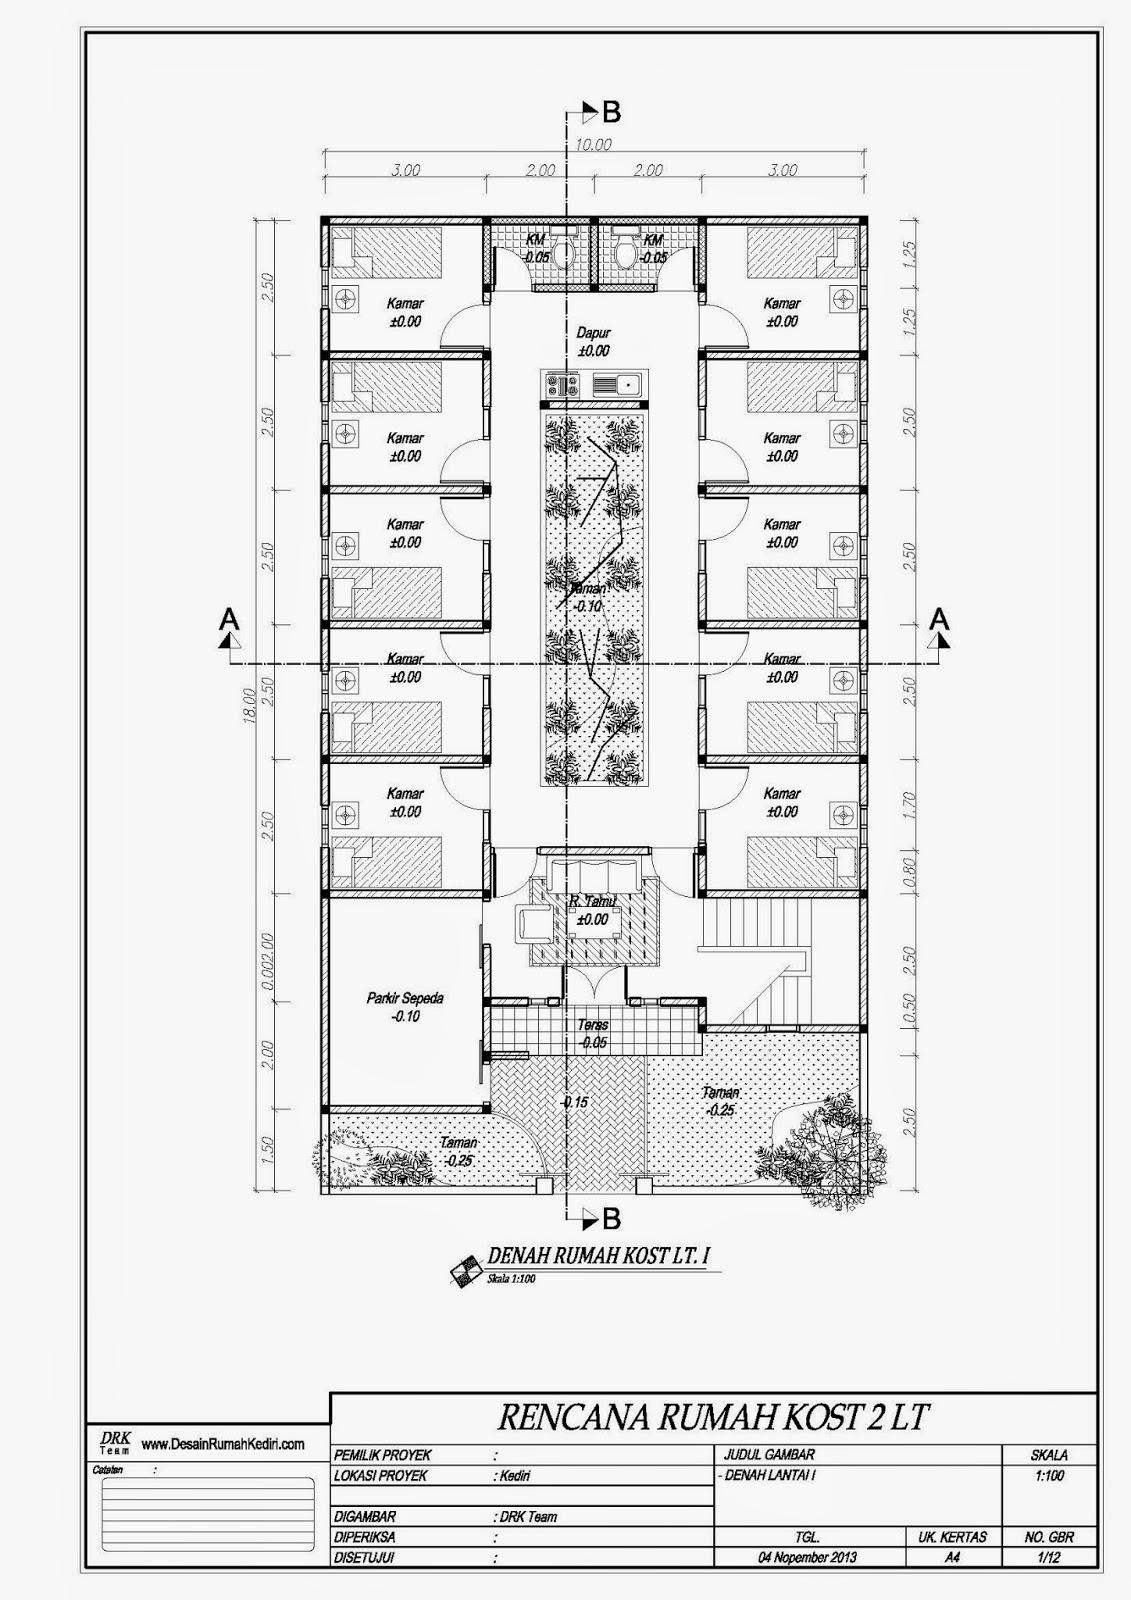 Gambar Desain Rumah Kost Minimalis 2 Lantai Dan Biaya Terbaru